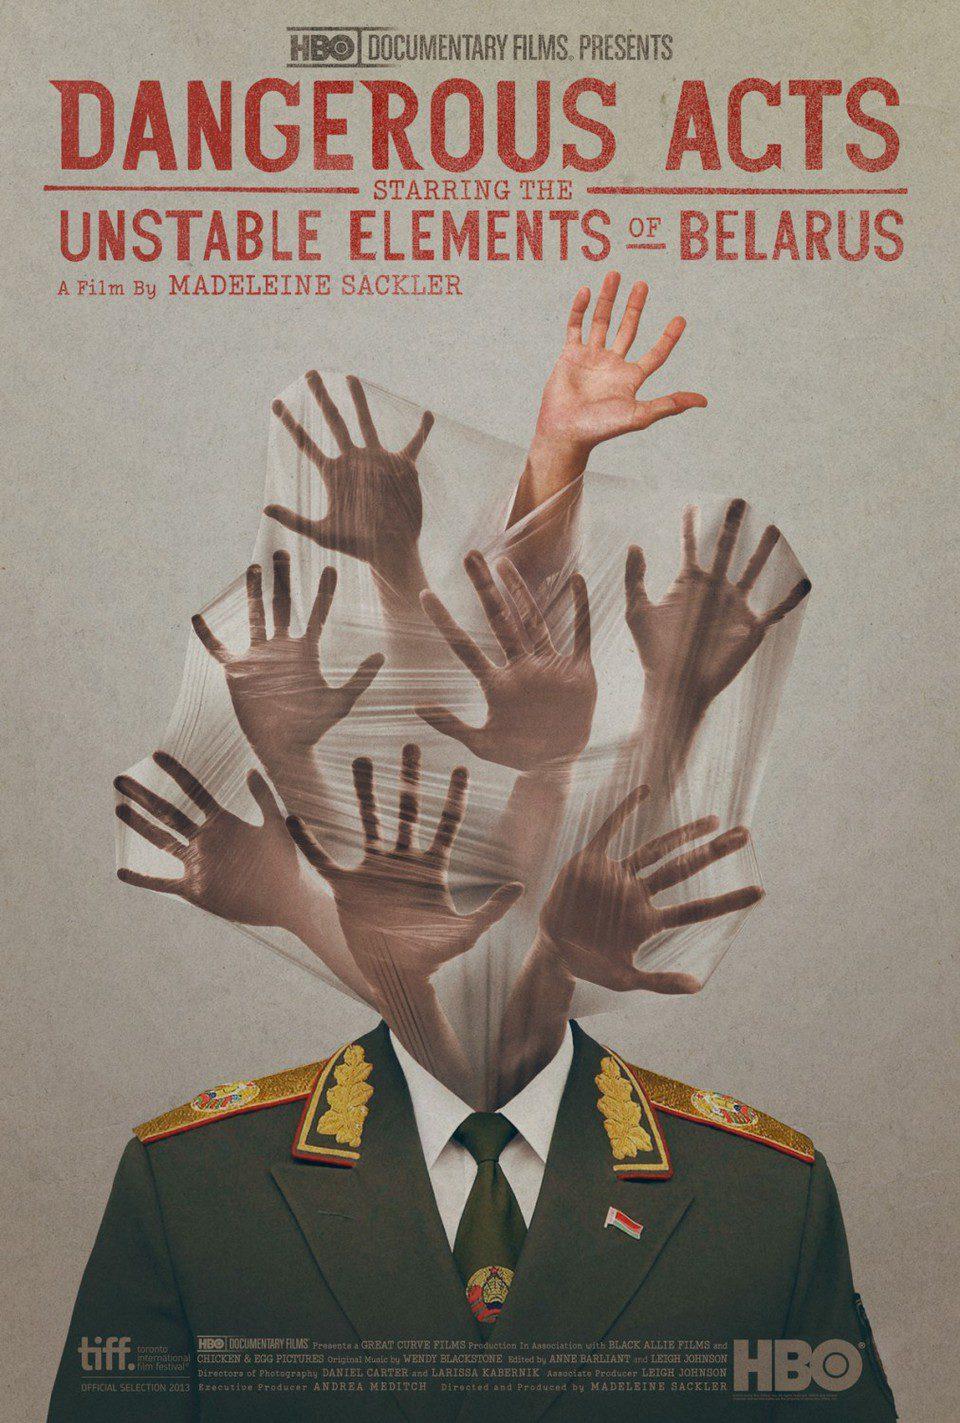 Cartel Estados Unidos de 'Dangerous Acts: Starring the Unstable Elements of Belarus'